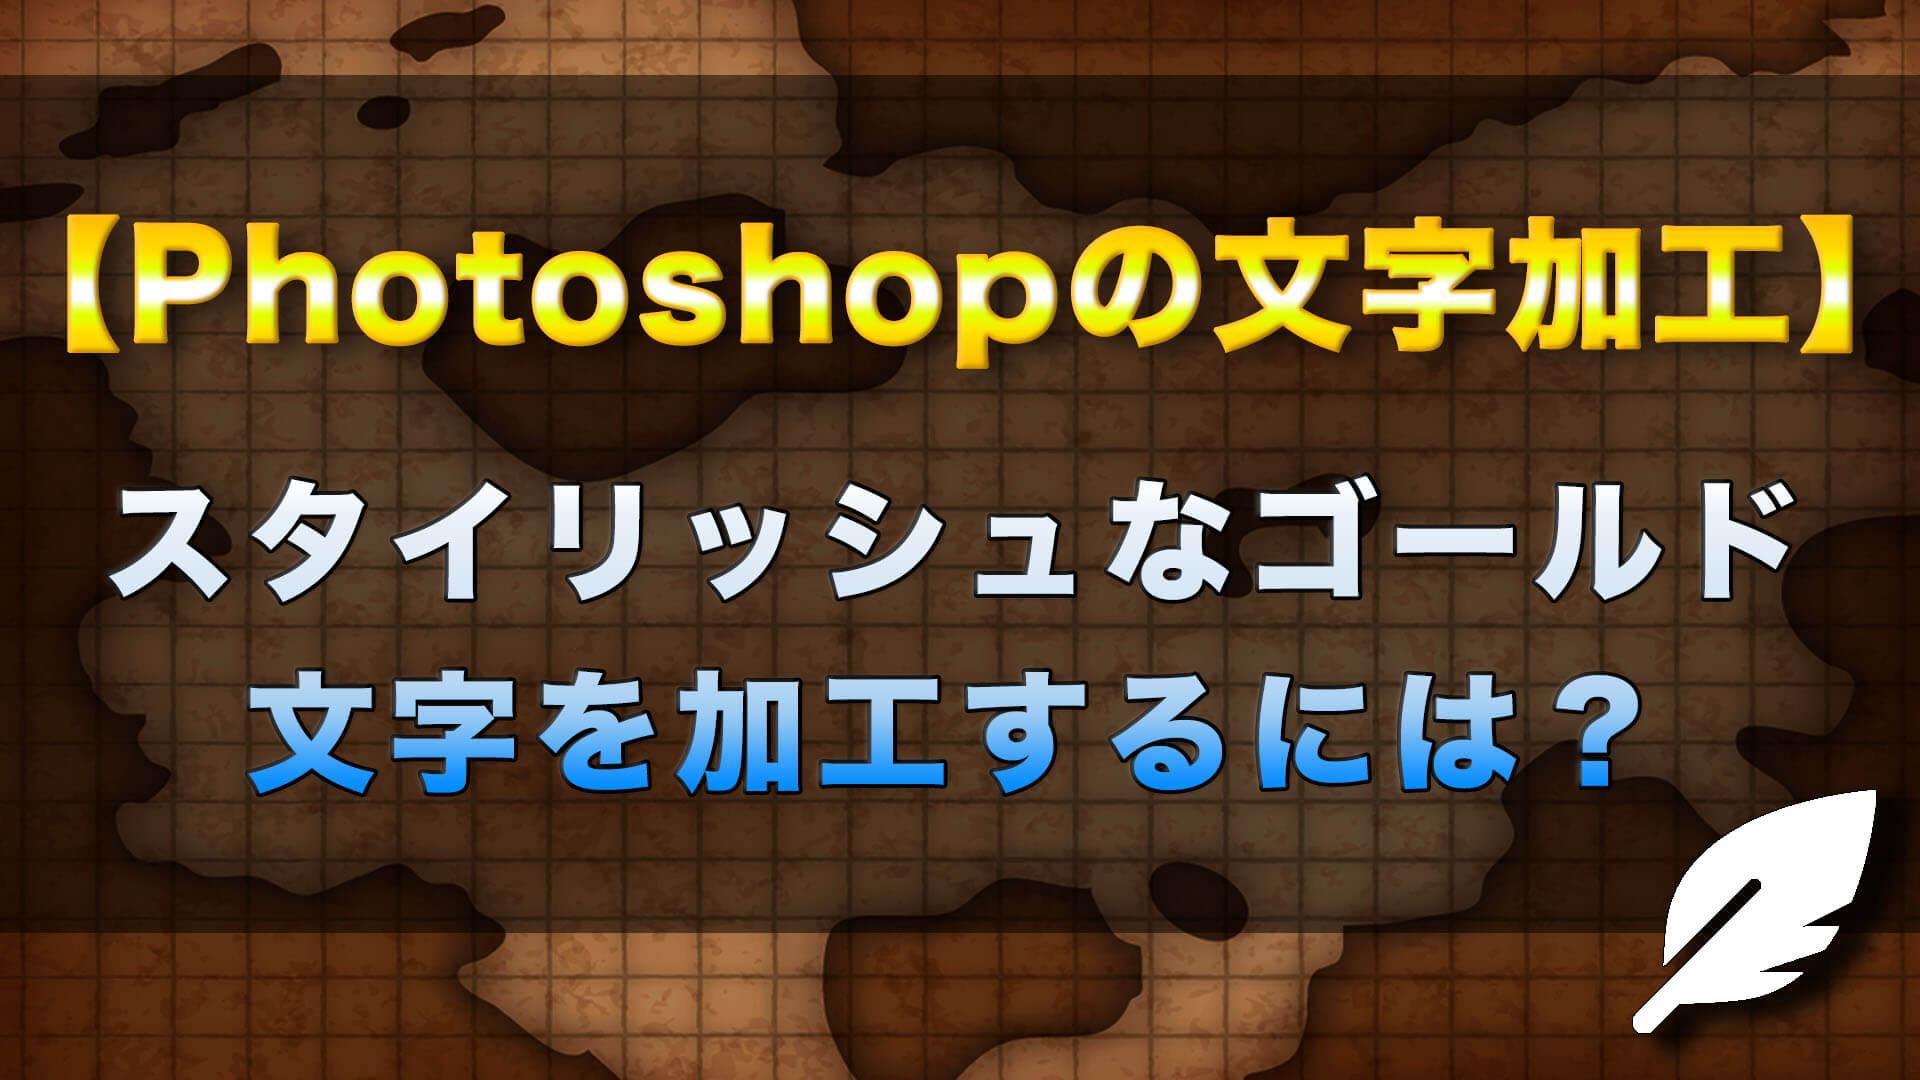 photoshop ゴールド 文字17